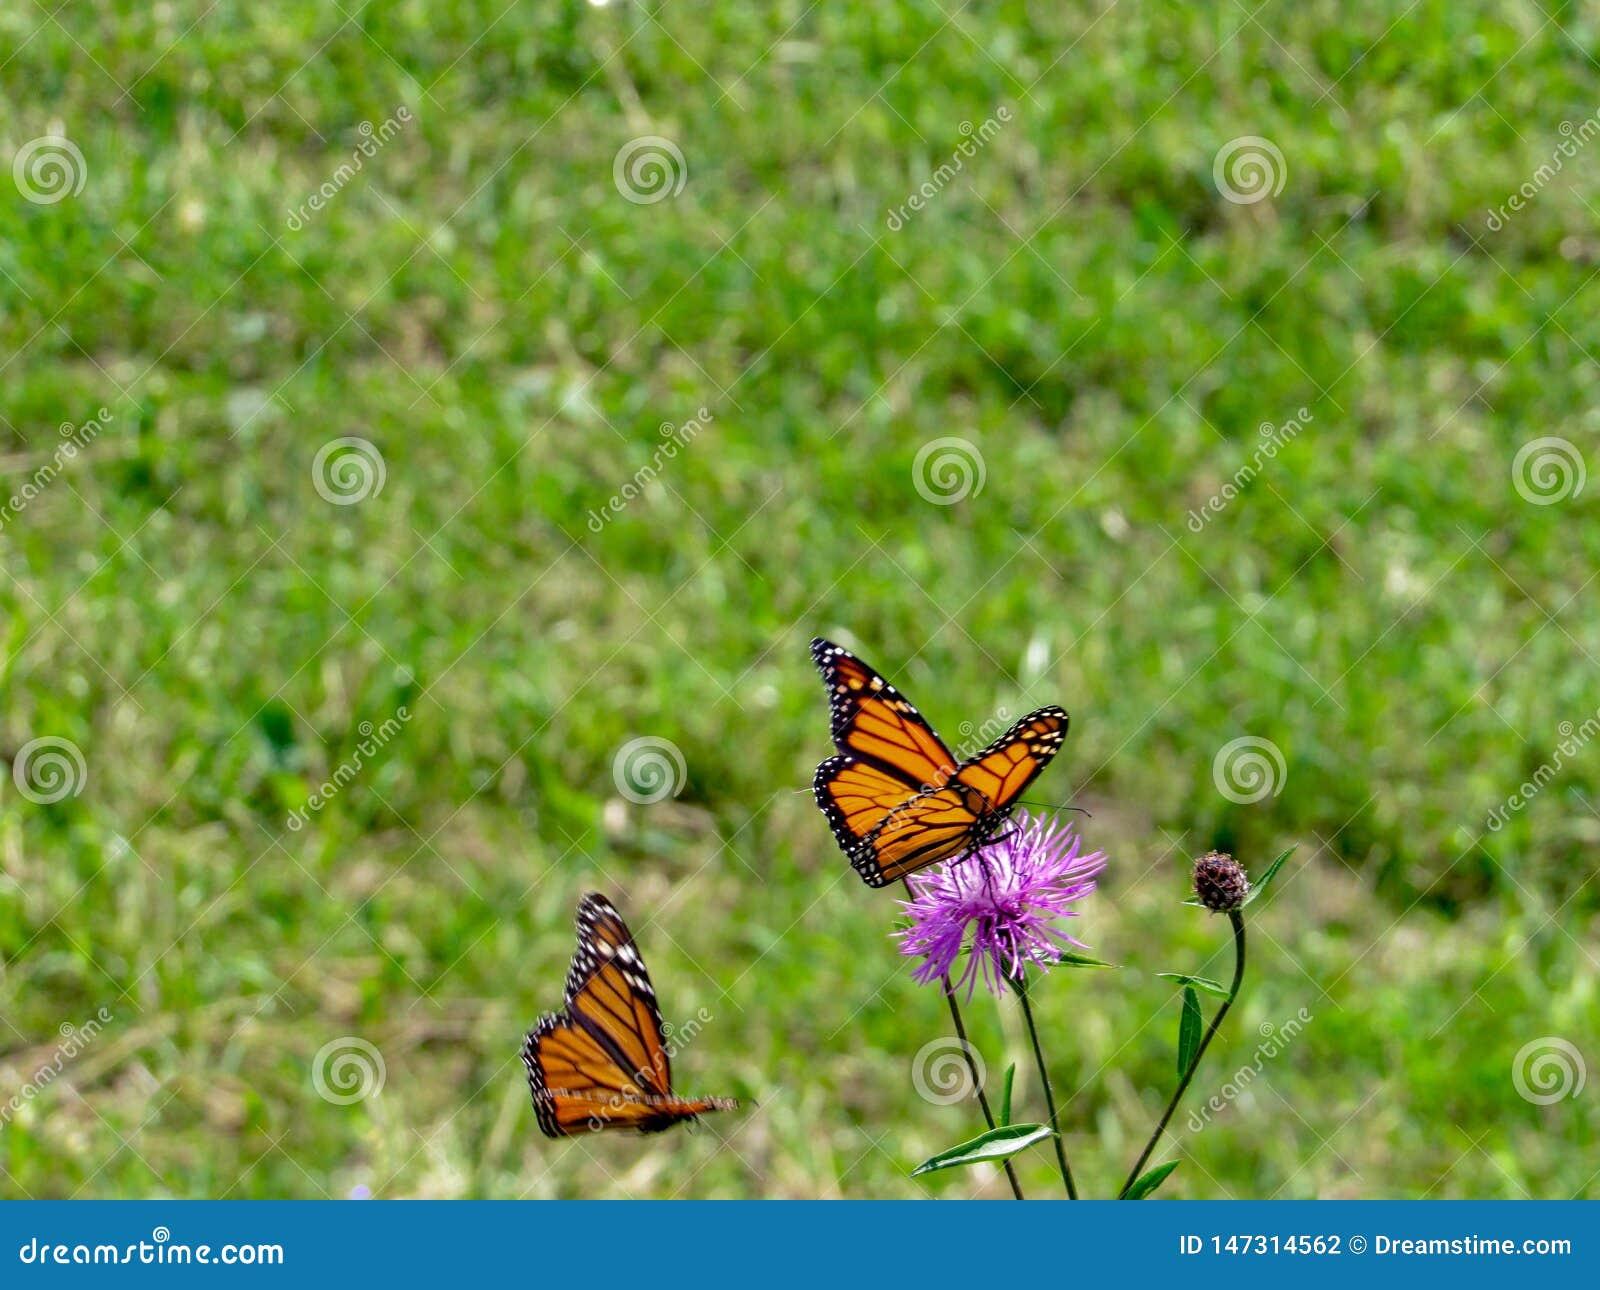 Mariposa de monarca encaramada en una flor p?rpura